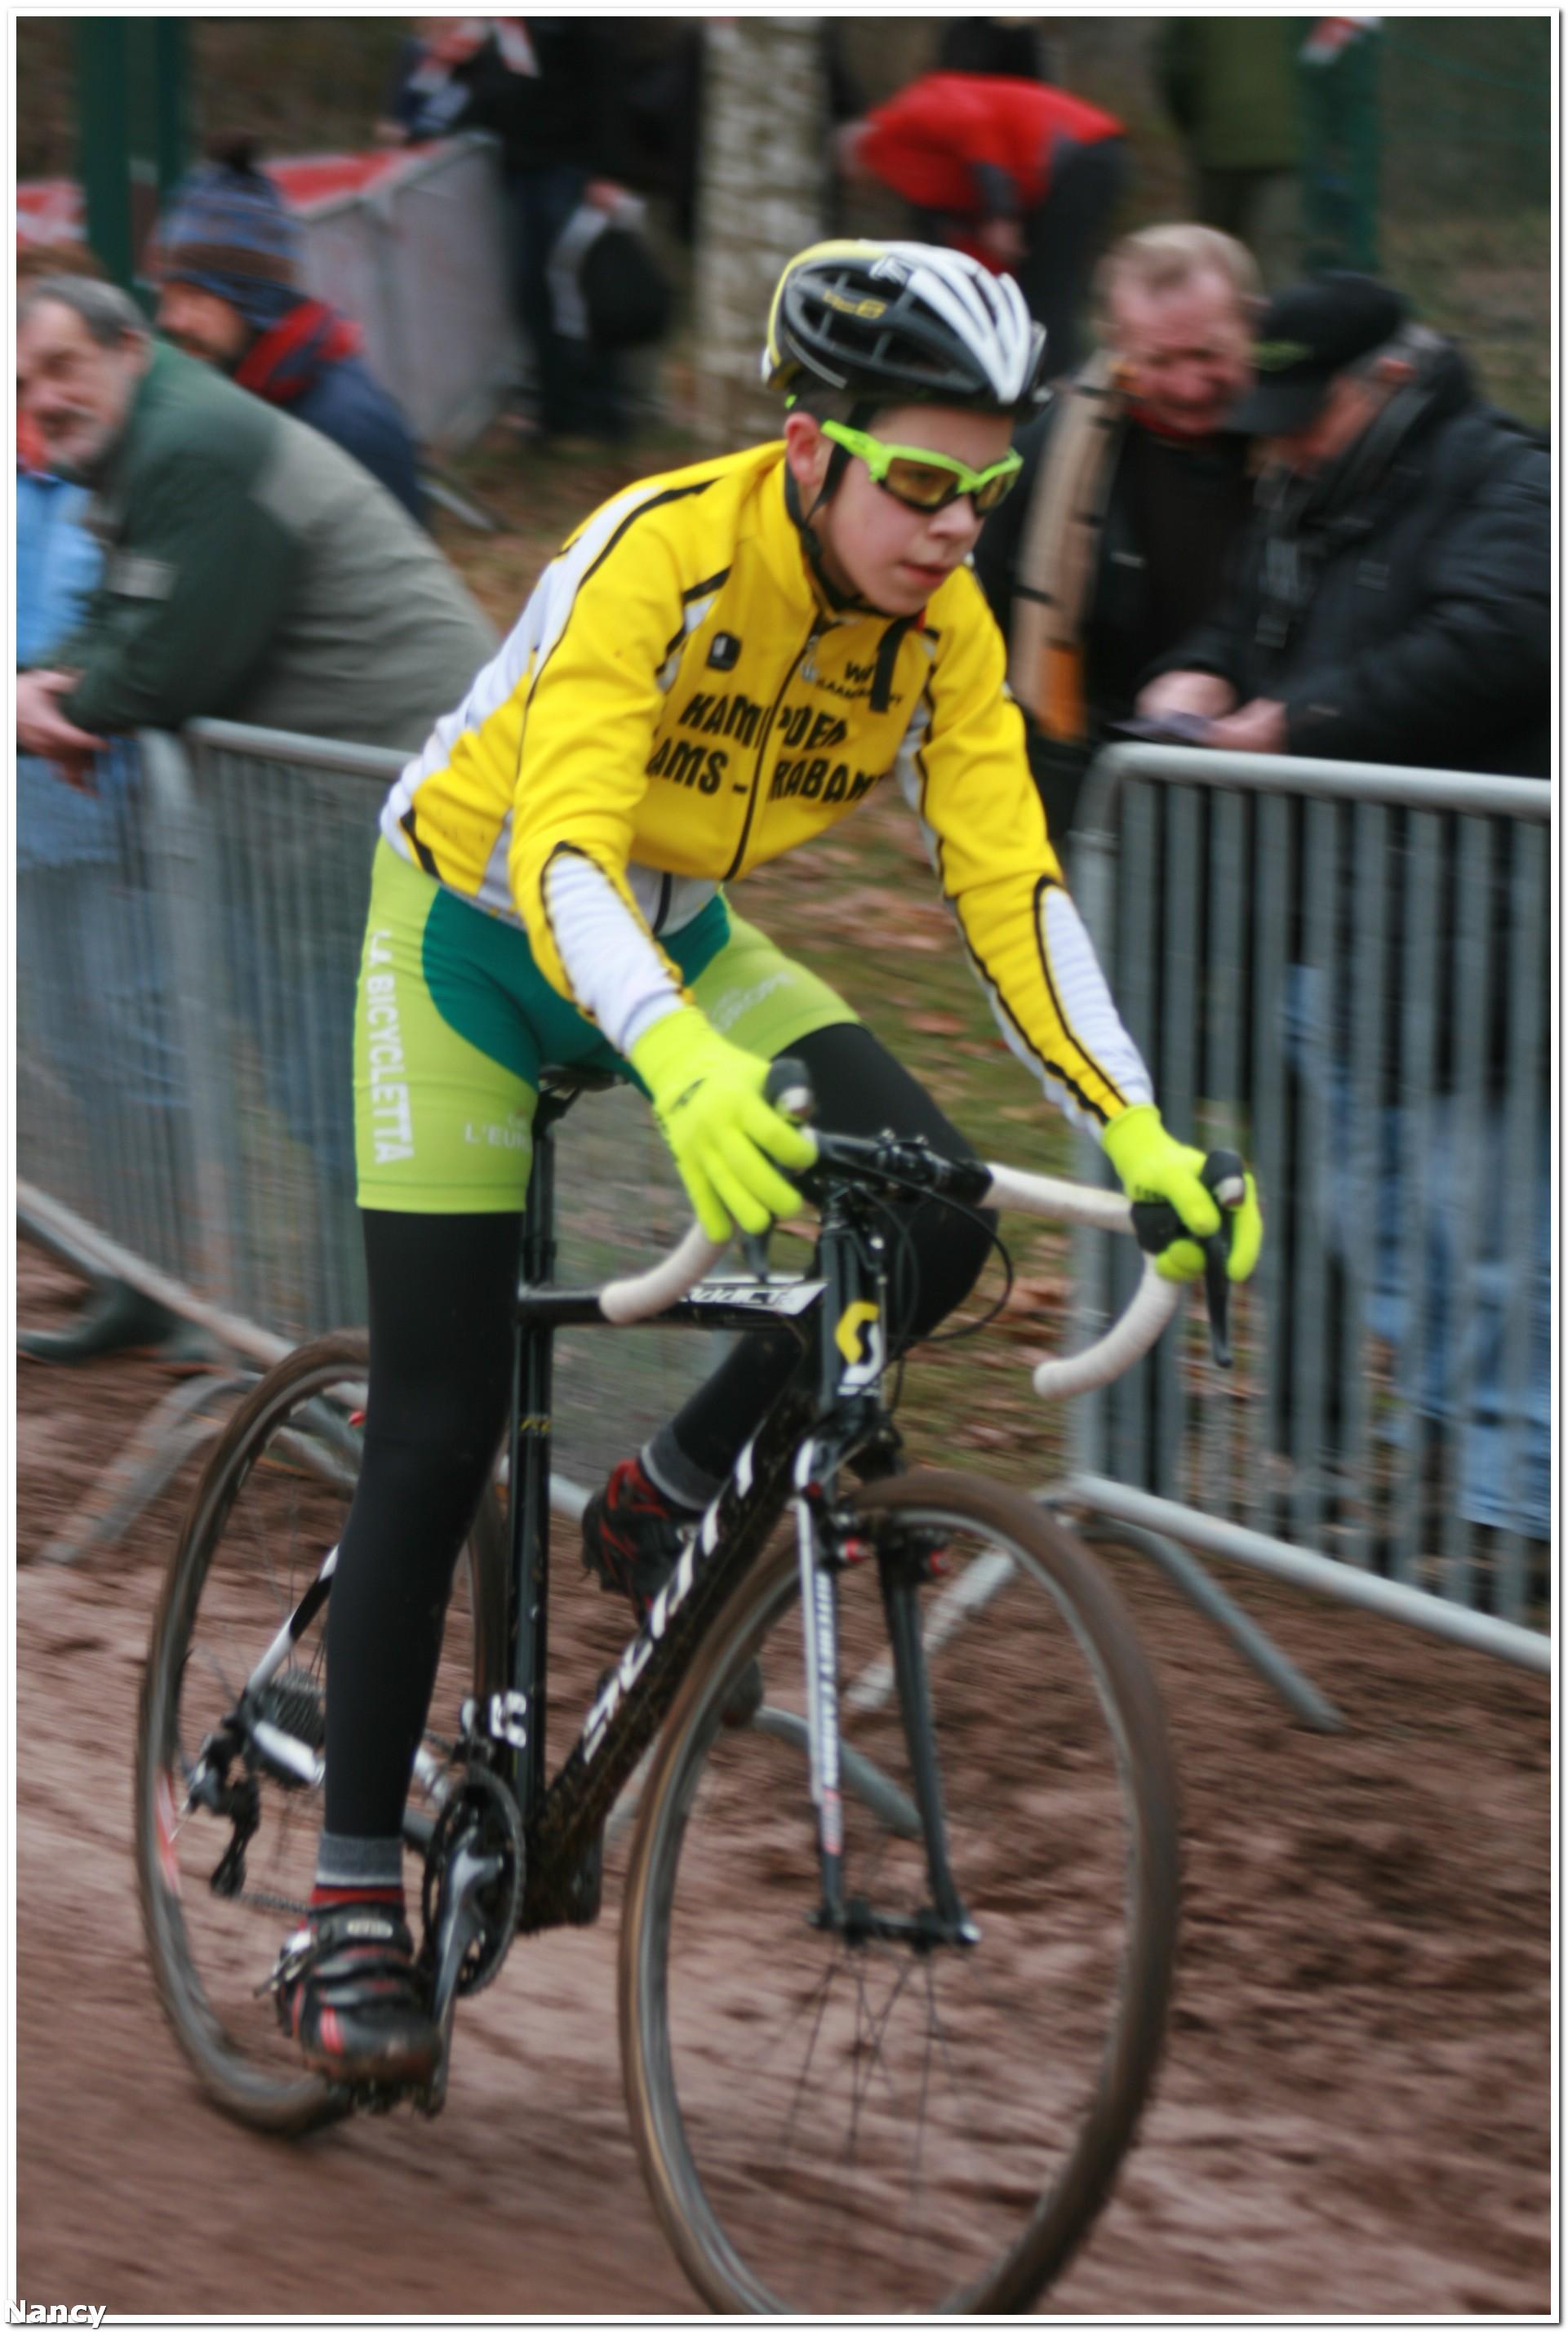 Meer dan 200 veldrijders verwacht op Vlaams kampioenschap aspiranten in Leopoldsburg